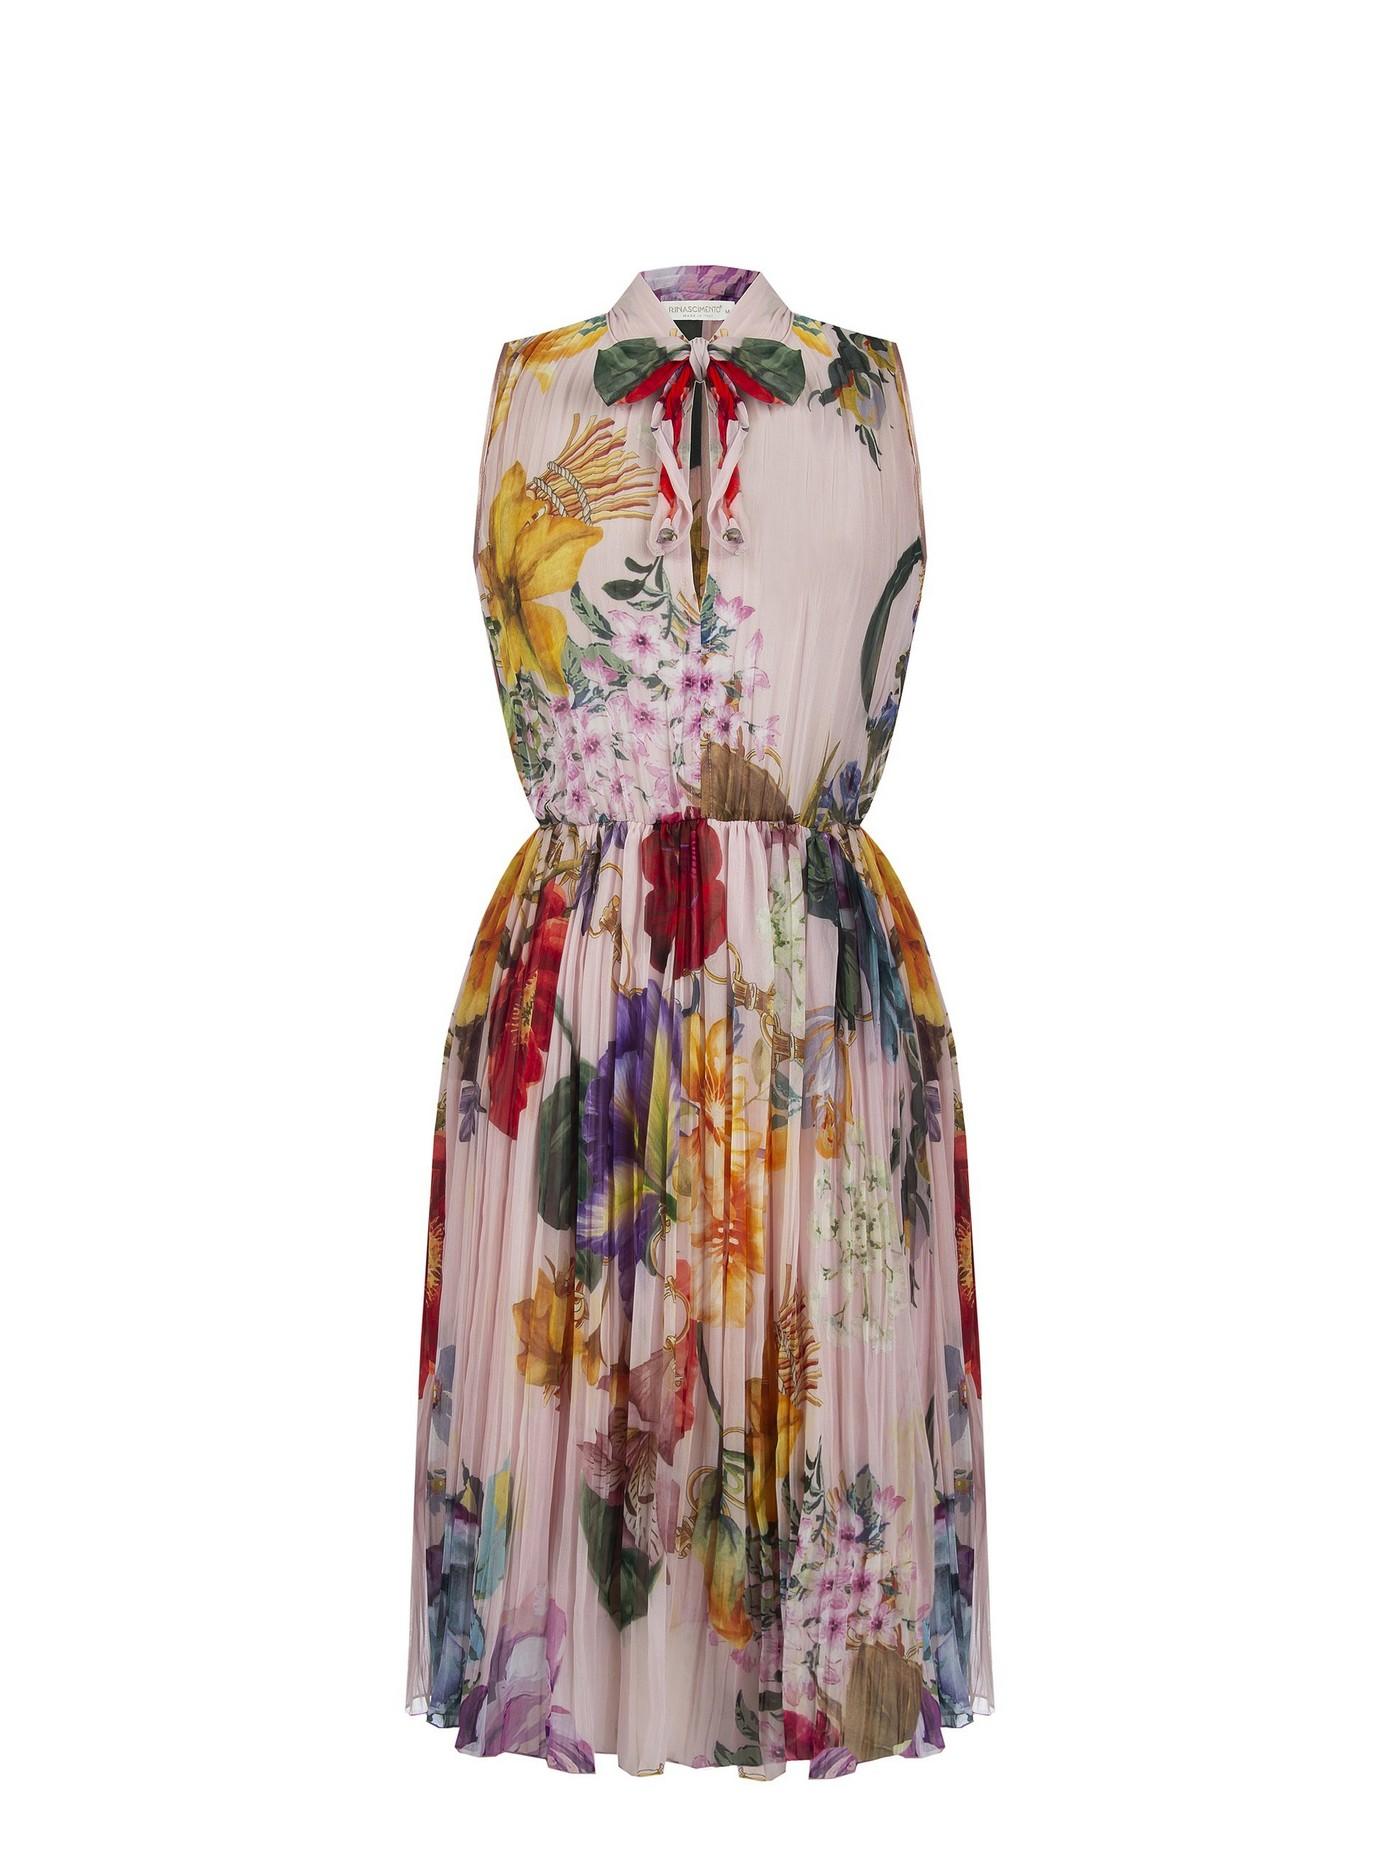 Платье  юбка плиссе Rinascimento, цвеночный принт.